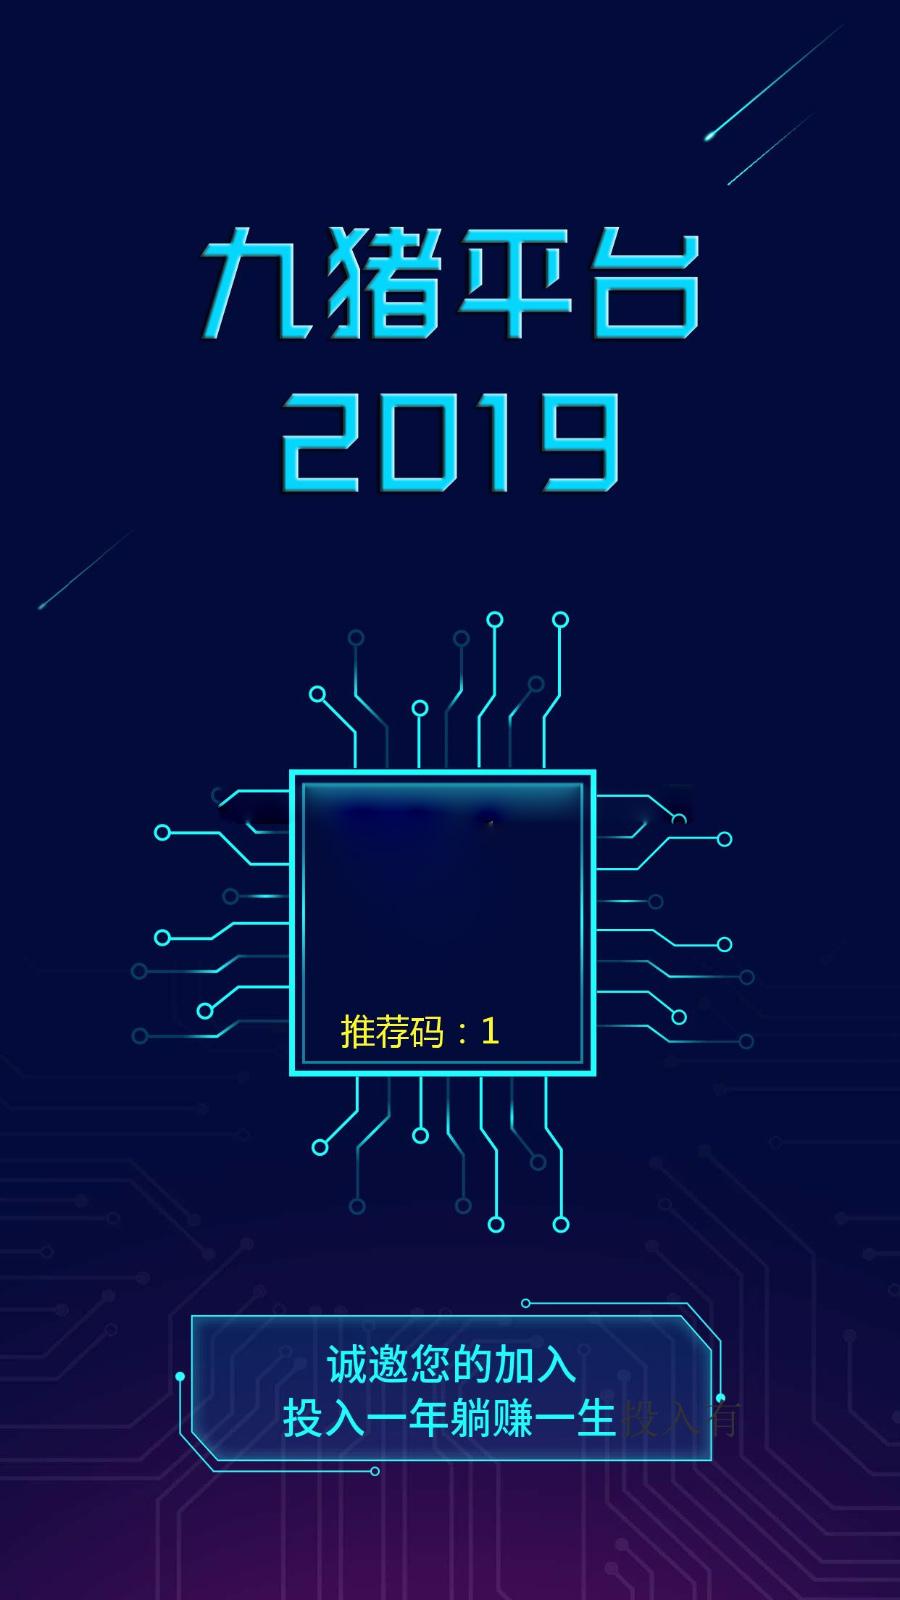 【霸屏天下区块系统】2020运营级微推微赚WX朋友圈任务分享自动挂机赚钱区块源码-找主题源码